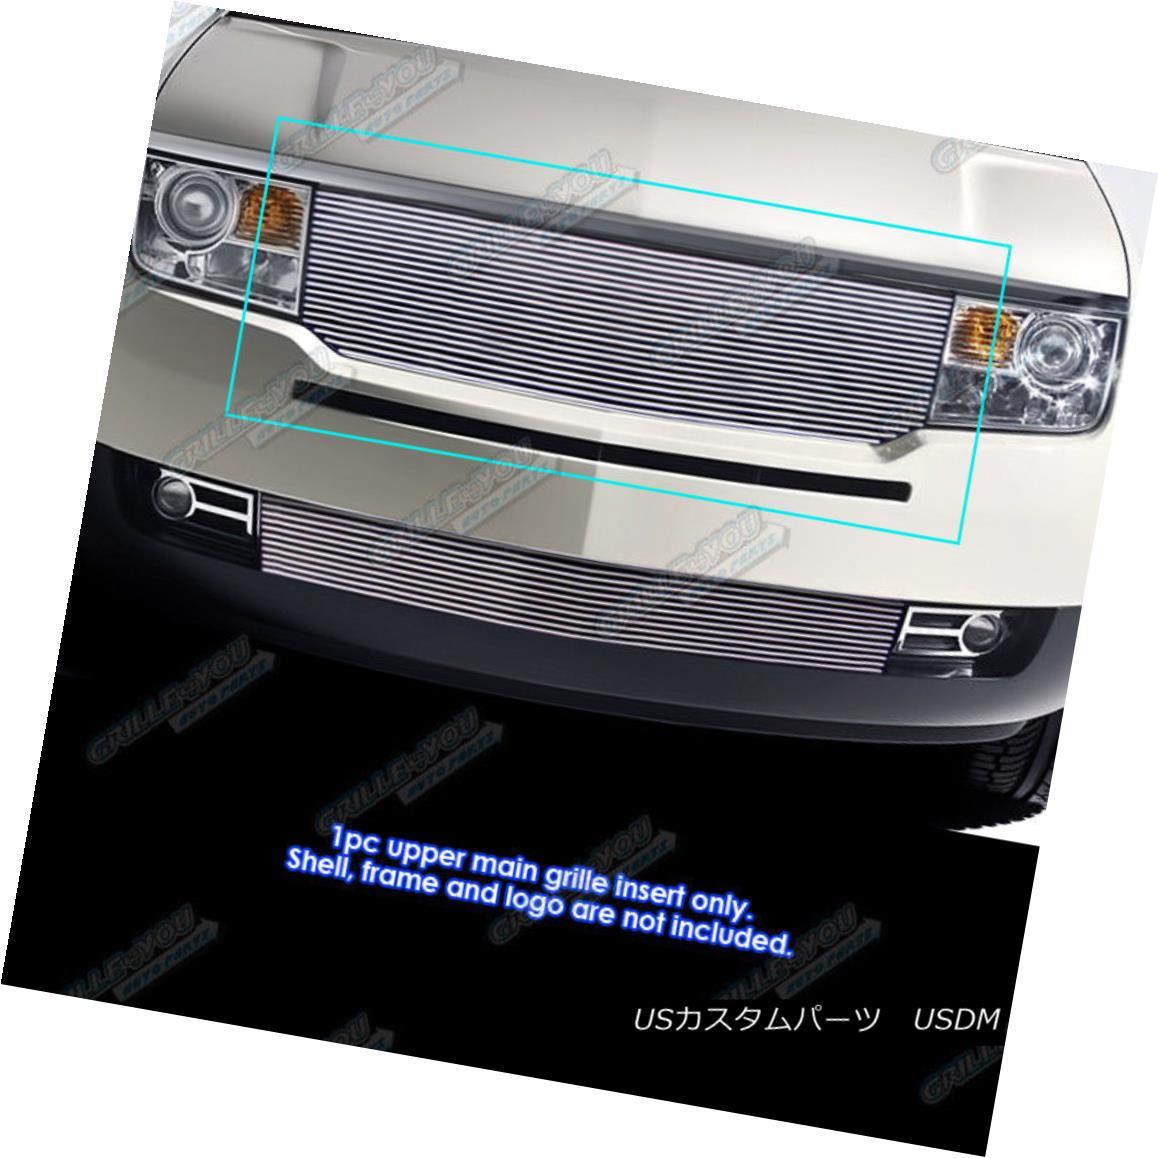 グリル Fits 07-10 Lincoln MKX Main Upper Billet Grille Insert フィット07-10リンカーンMKXメインアッパービレットグリルインサート